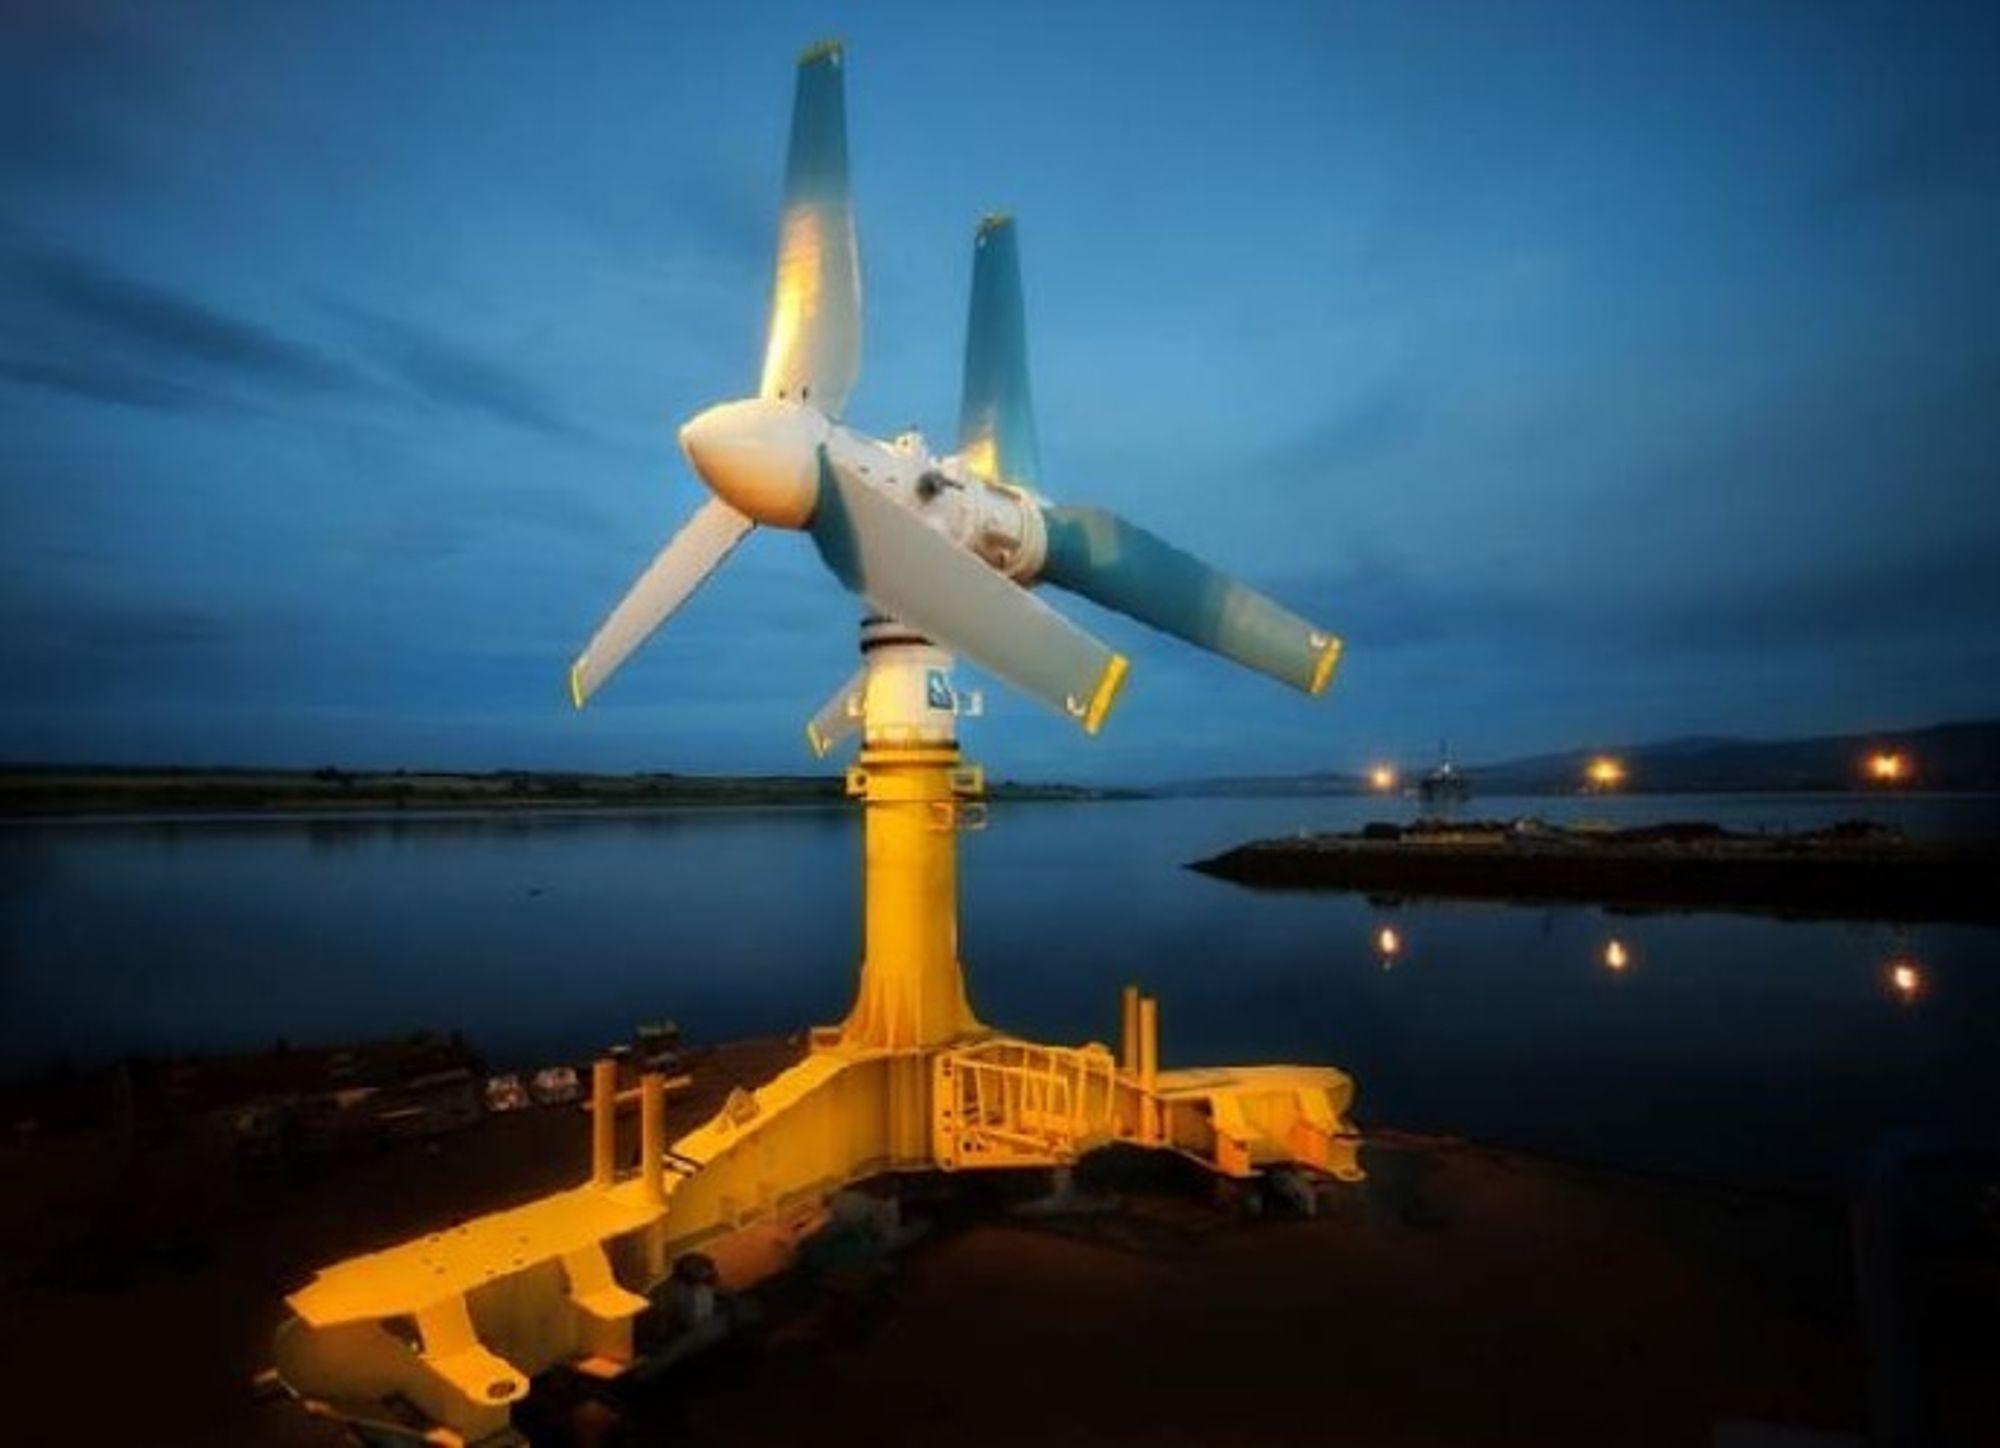 KRAFTIGE SAKER: Tidevannsturbinen Atlantis AK1000 leverer 1 megawatt. Rotordiameteren er 18 meter og vekten 1300 tonn. Nå skal det installeres 50 slike utenfor Gujarat i India. Dette kan bli begynnelsen på neste fornybarbølge i Asia, etter at Kina i 2010 overtok ledelsen innen vindkraft med sine 41 800 MW installert effekt.